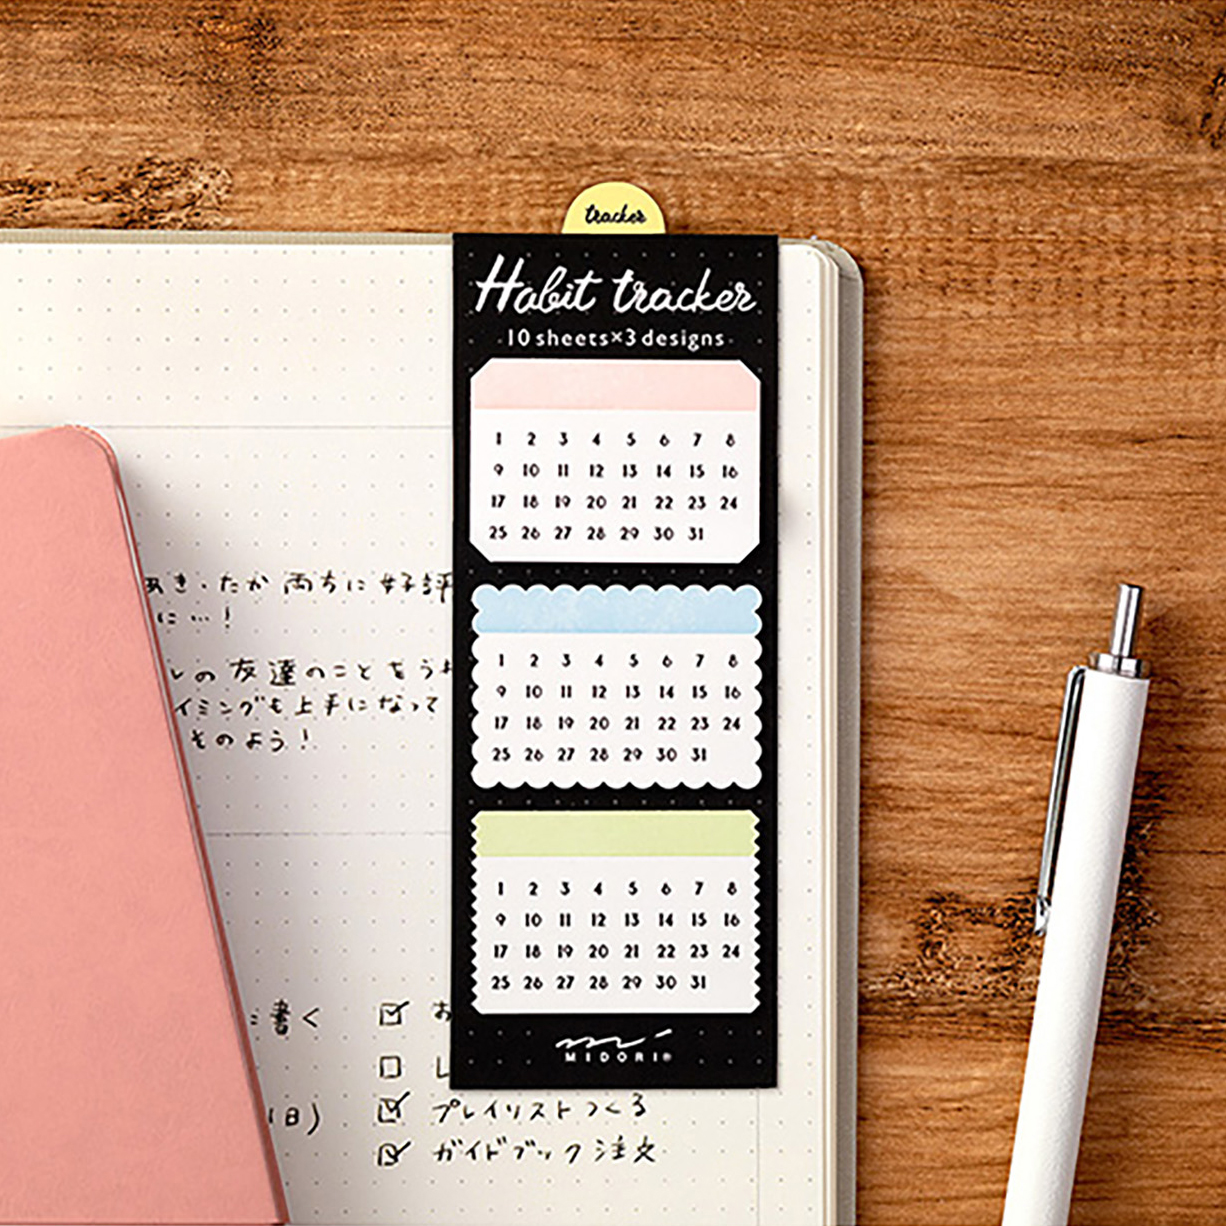 Comprar Midori Notas Adhesivas Journal Habit Tracker | Likely.es